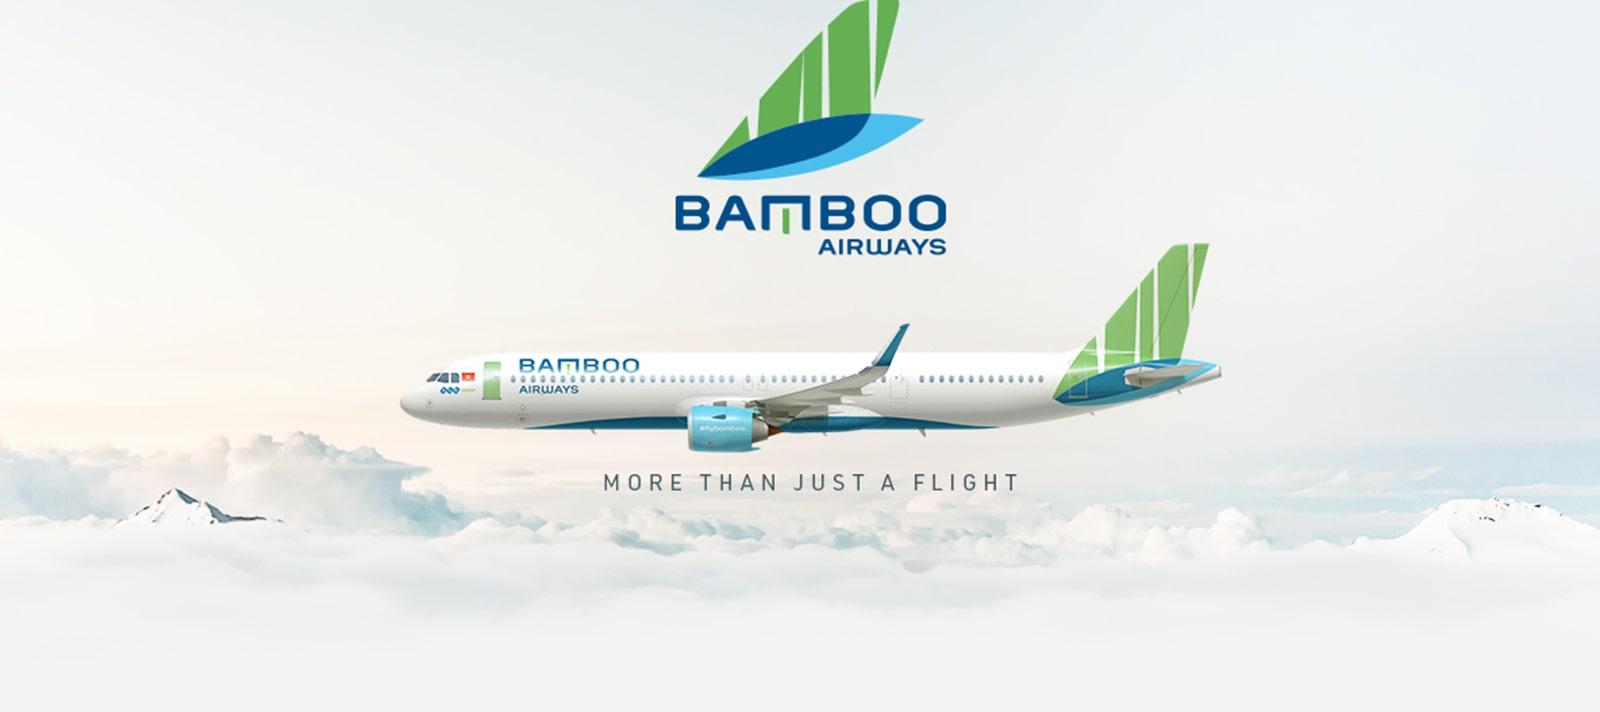 Đặt vé BambooAirways